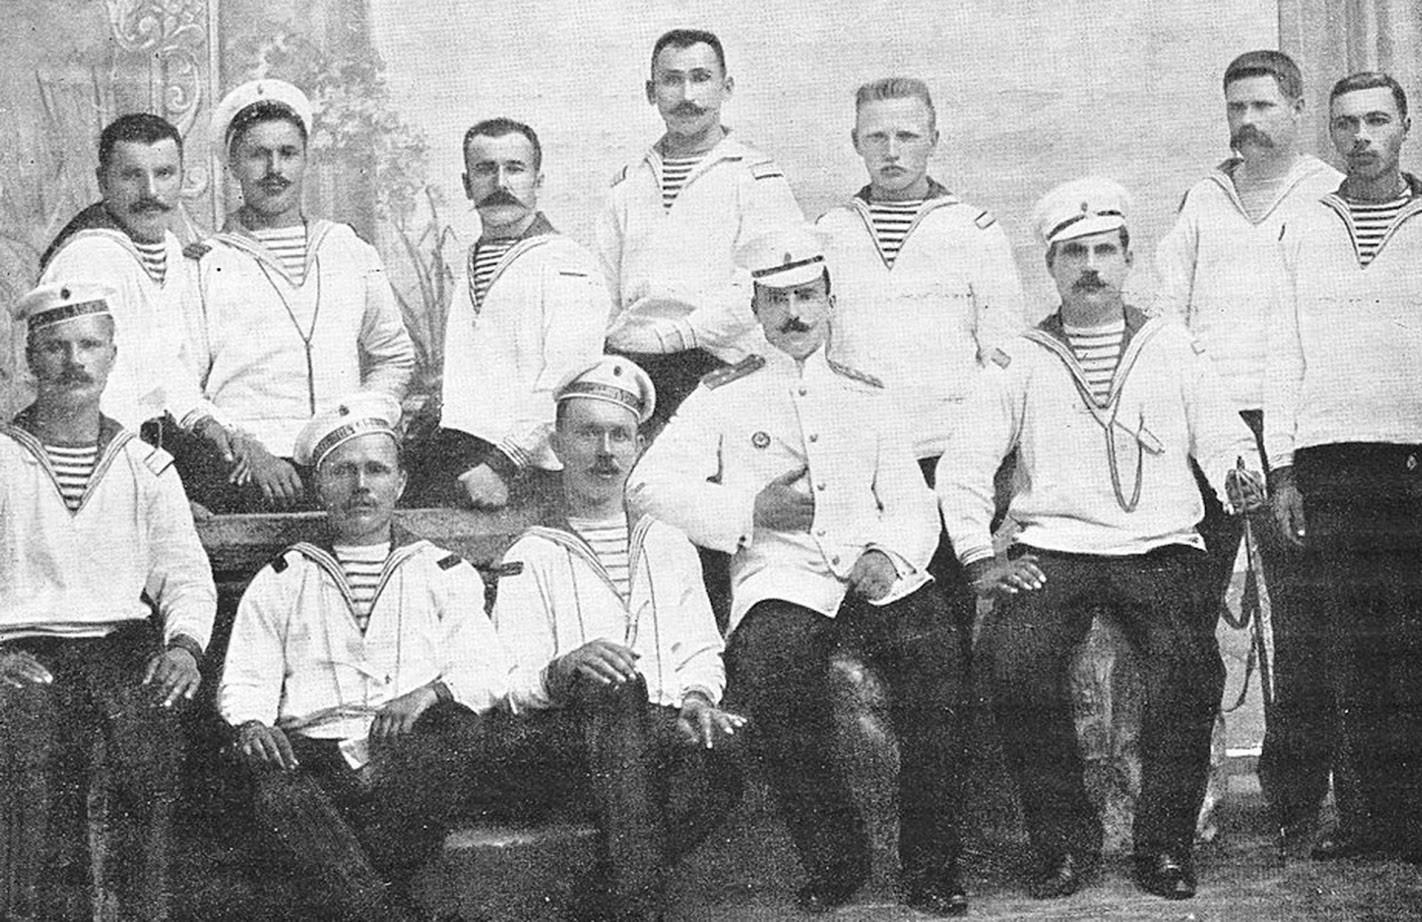 Nekaj članov posadke bojne ladje Potemkin. Poročnik v sredini je bil eden od oficirjev, ki so ga ubili uporniki.